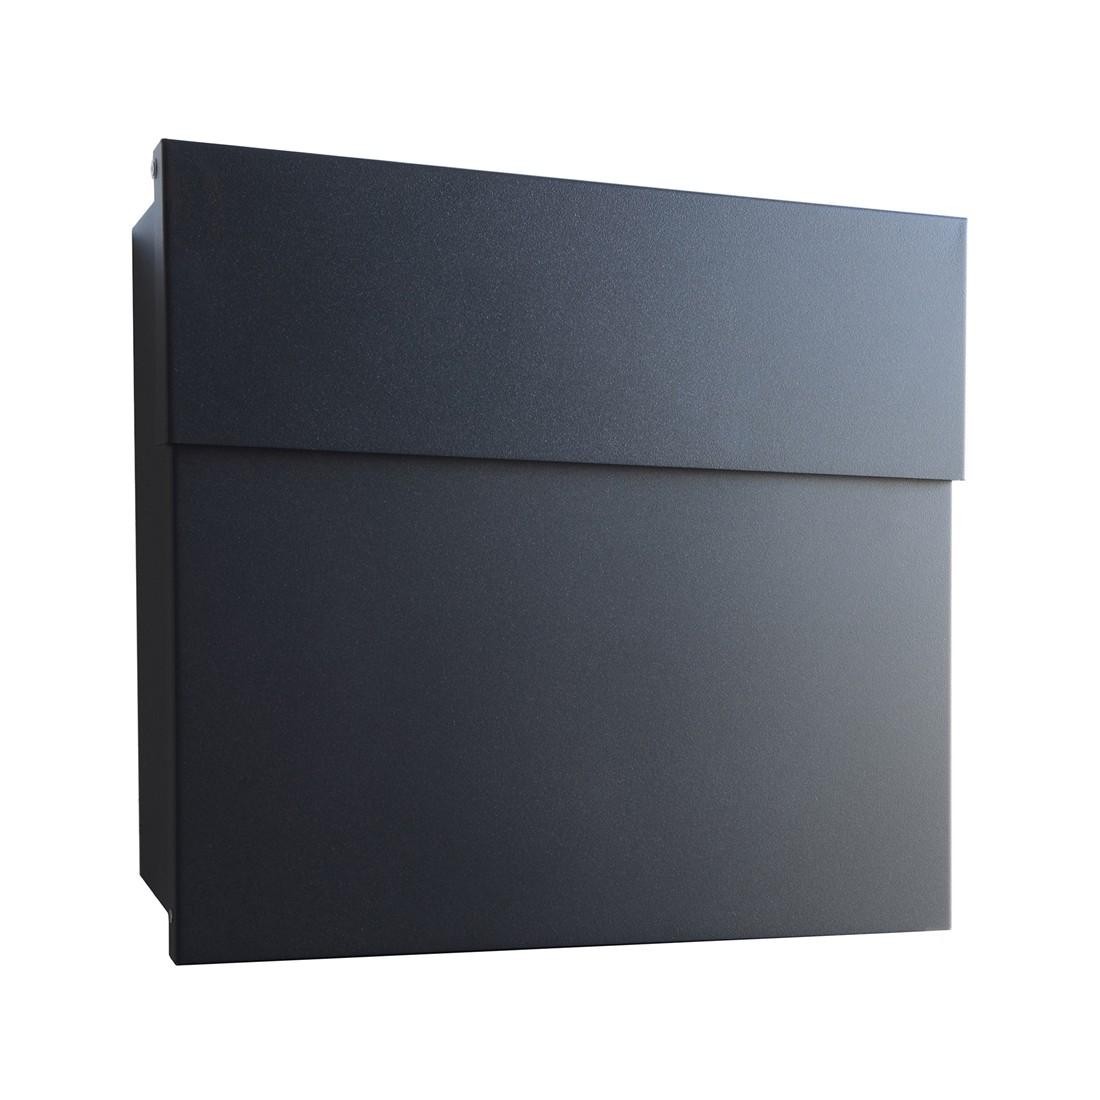 Briefkasten Letterman IV Wandversion - Stahl Pulverbeschichtet Schwarz, Radius